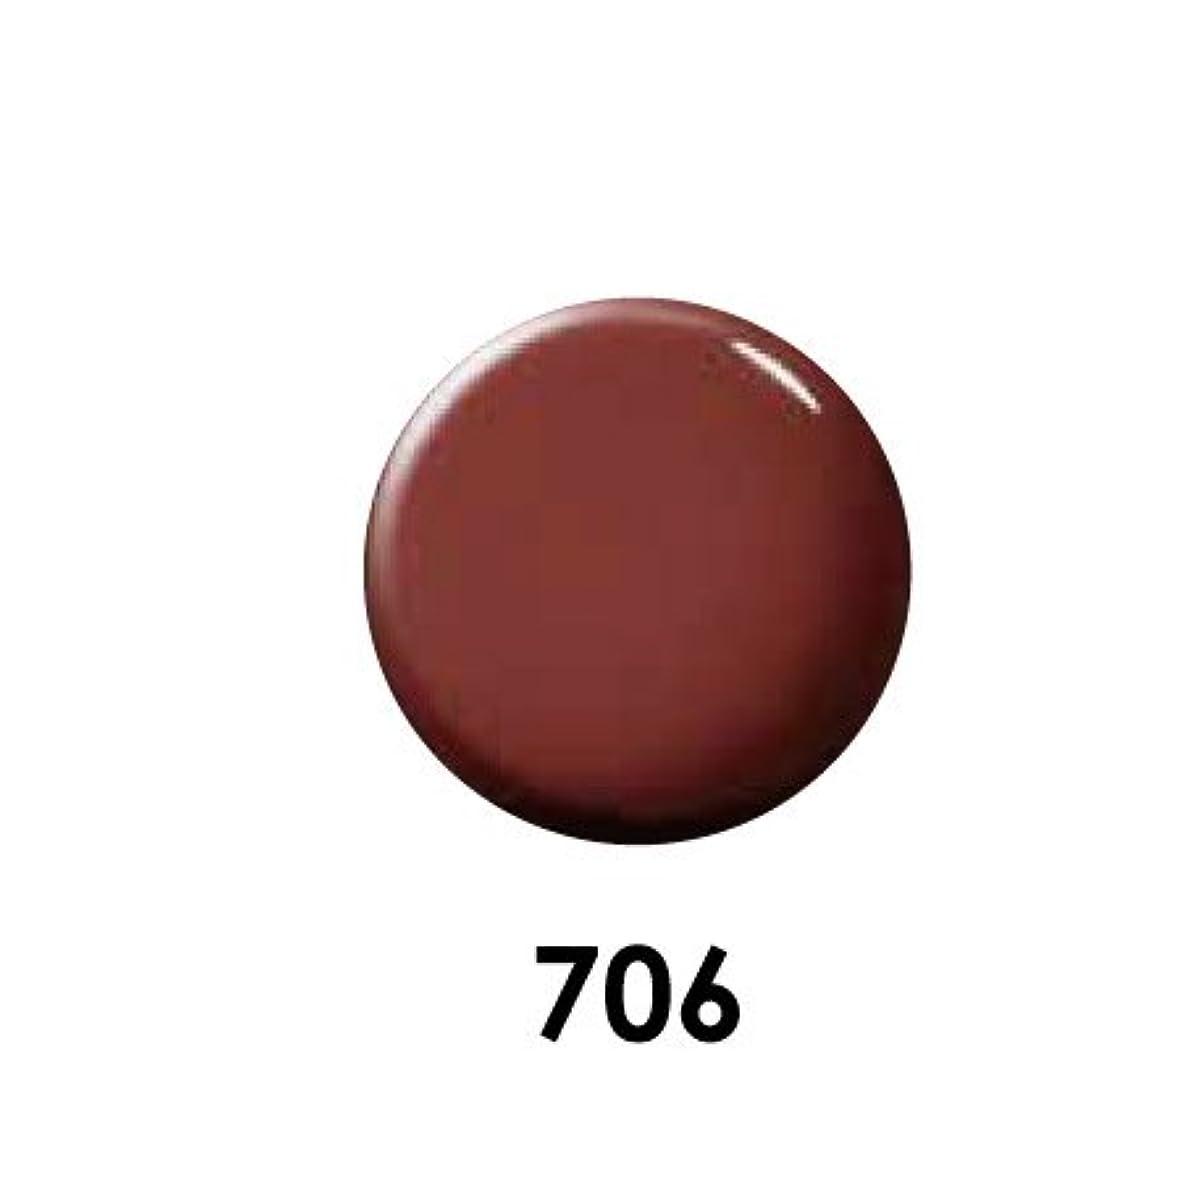 磁石セメント口実Putiel プティール カラージェル 706 サンダルウッド 4g (NAGISAプロデュース)